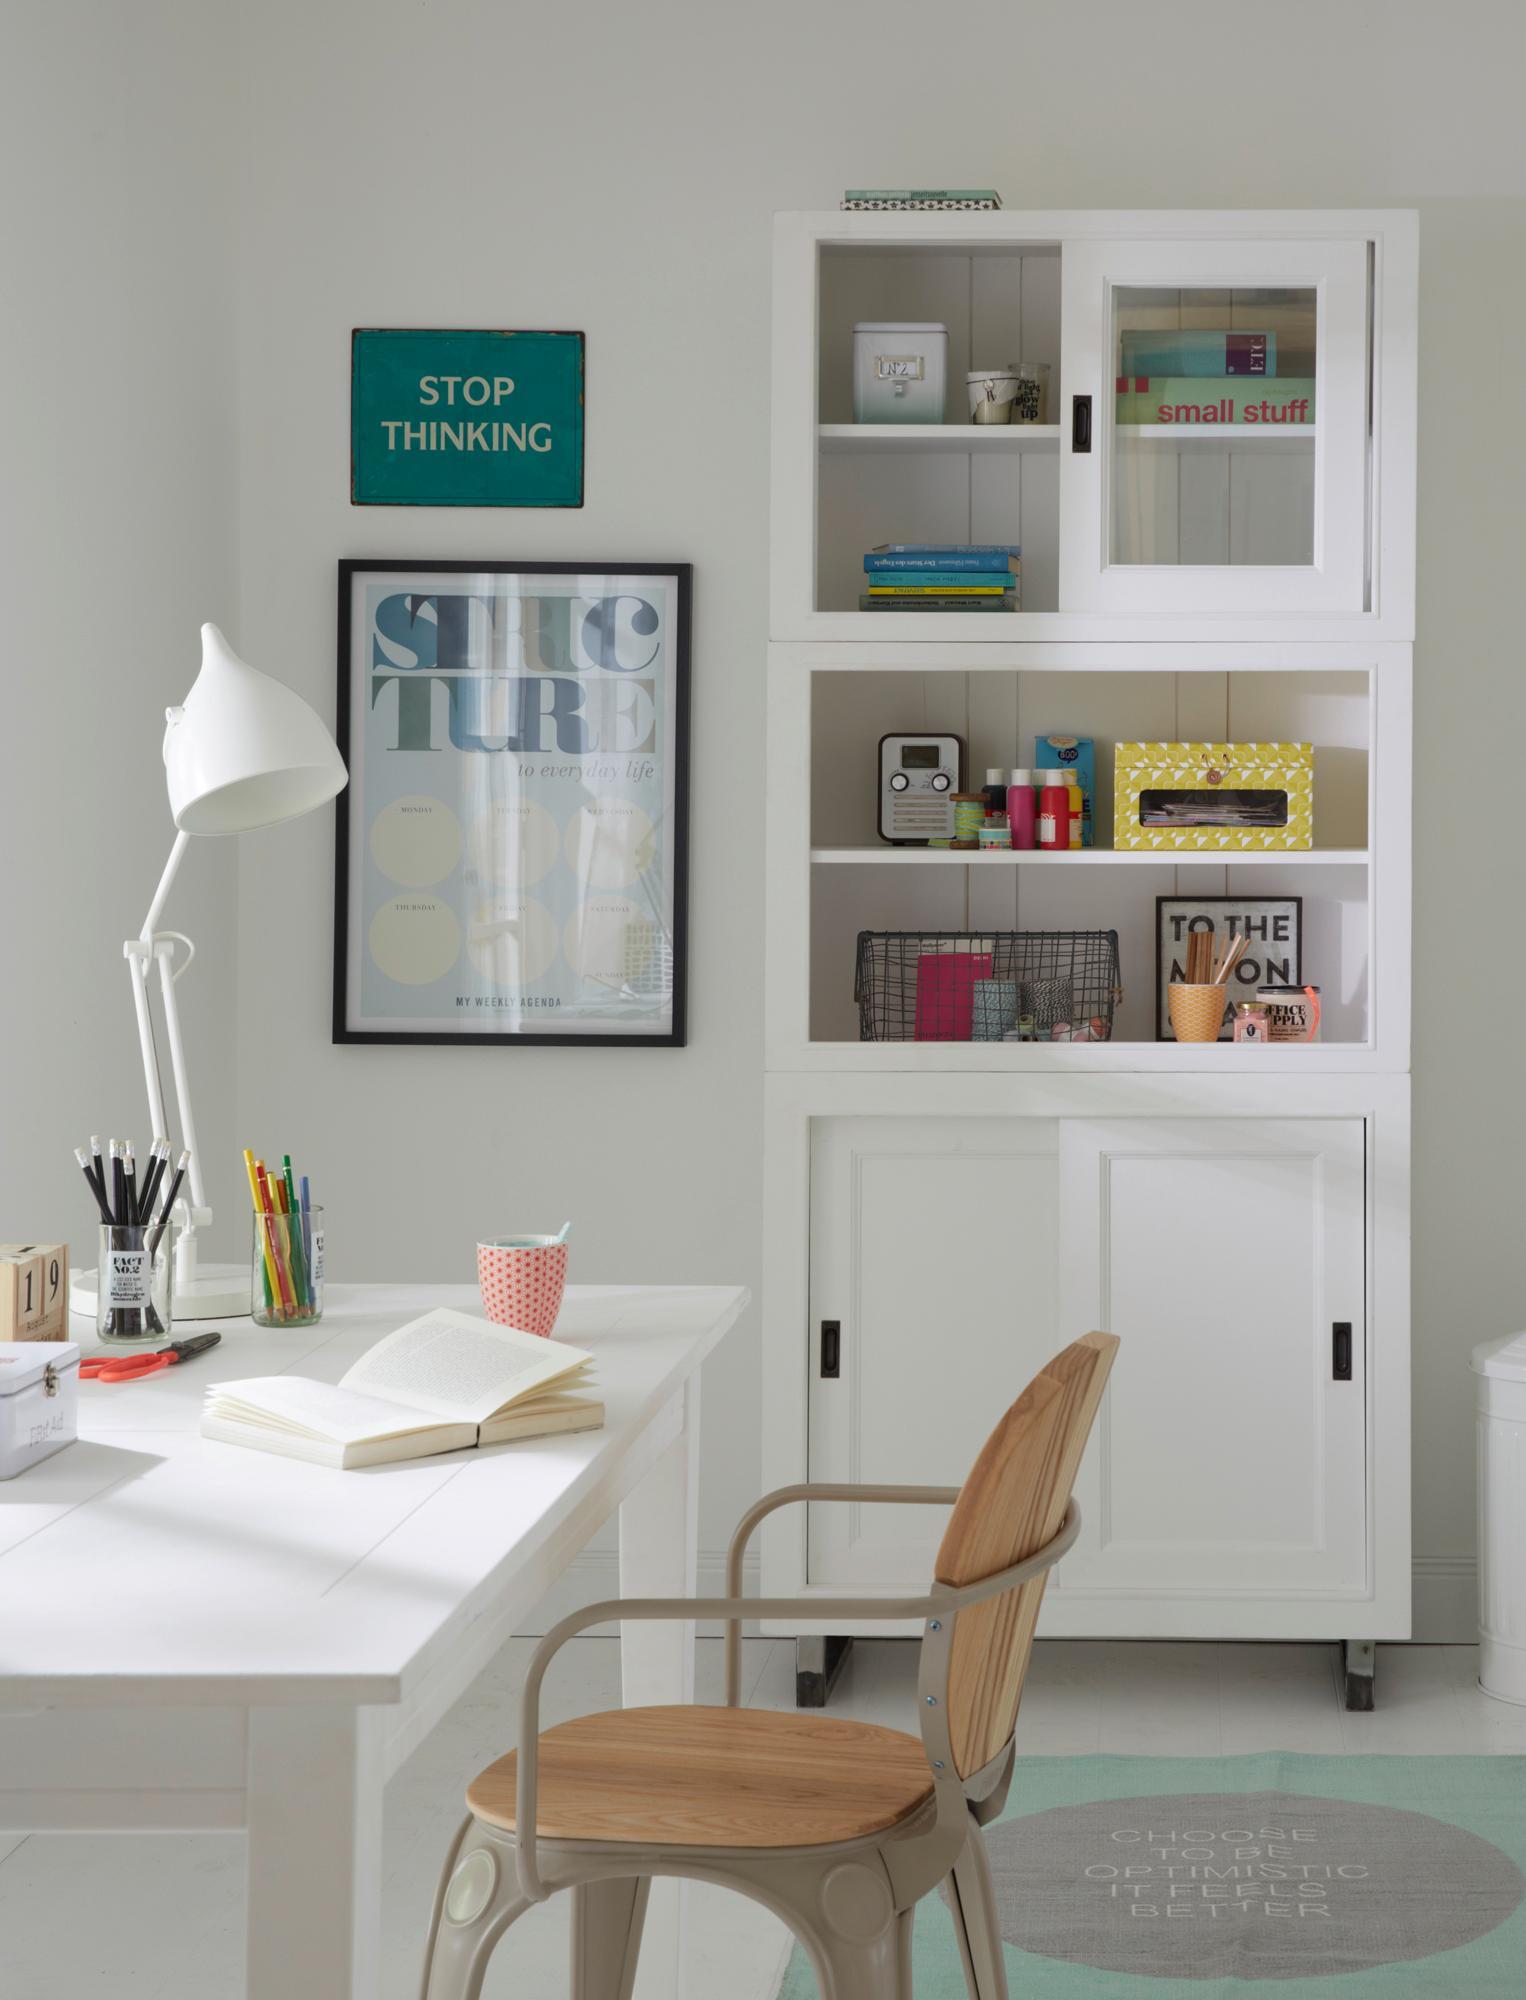 Arbeitszimmer Mit Weissen Moebeln Gestalten 60erjahre Schreibtisch Teppich  Schreibtischstuhl Holzschreibtisch Car Selbstbaumoebel F5bc325f 810a 40e0  Ac19